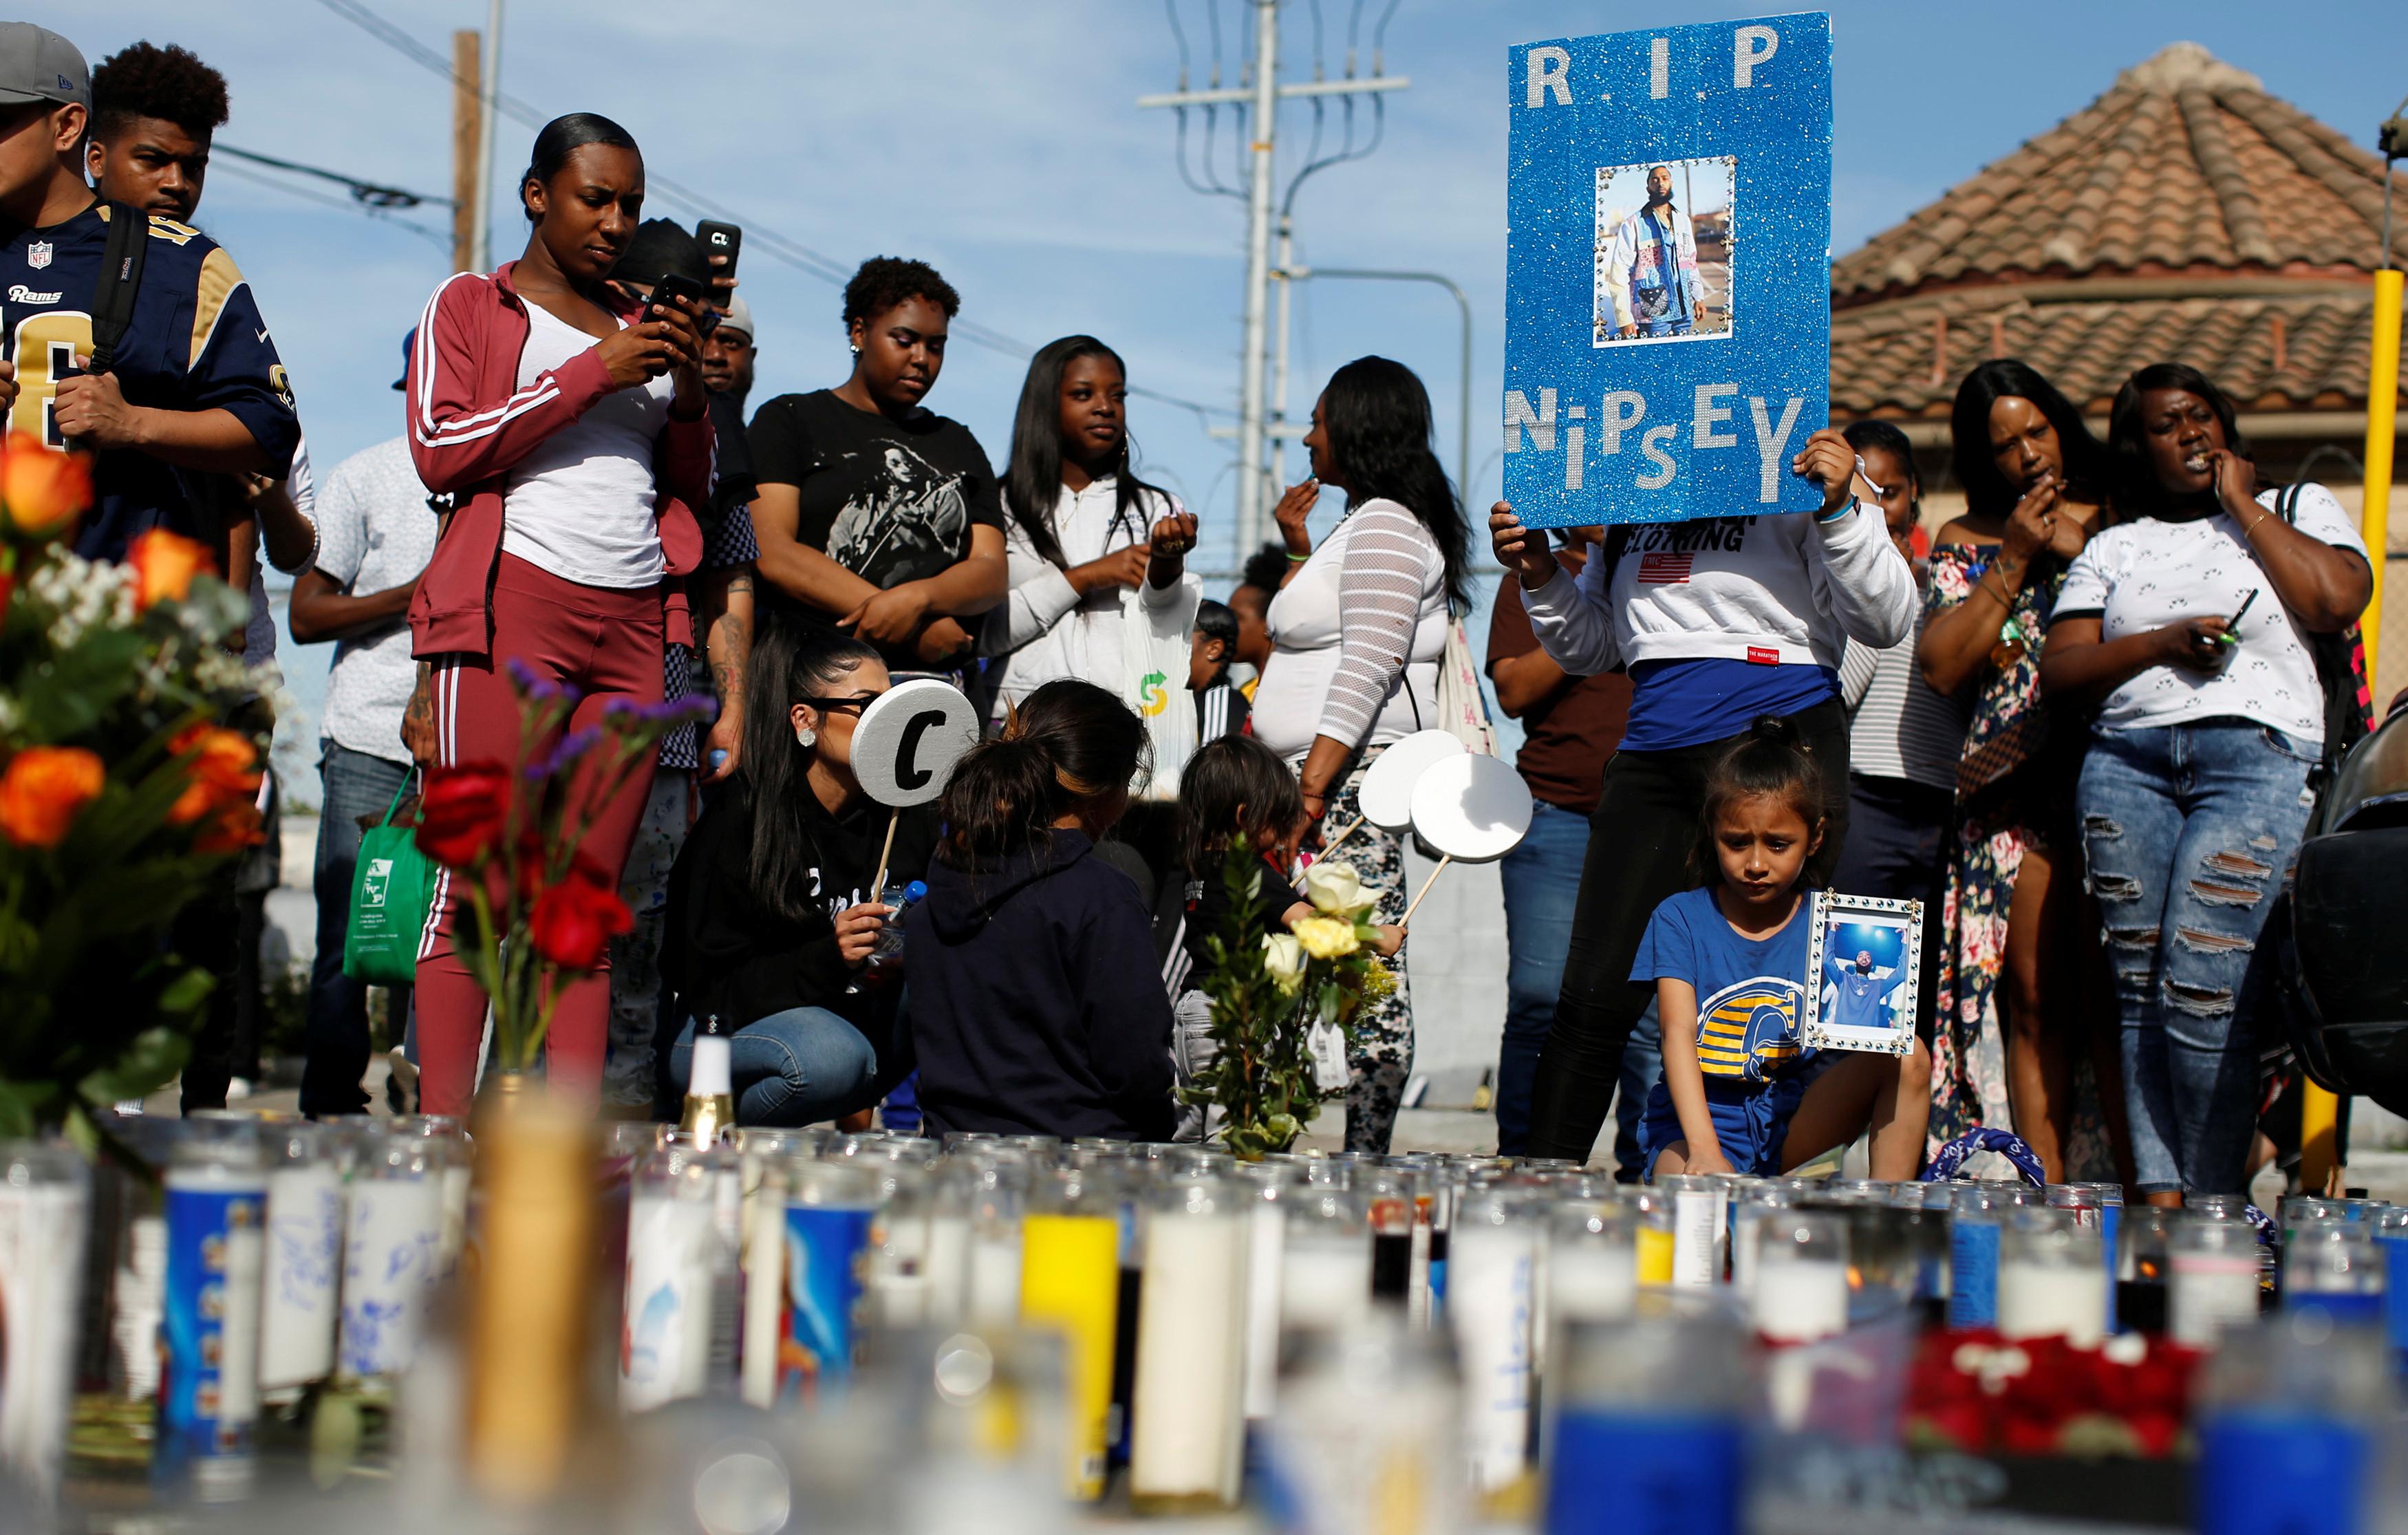 Polícia já tem suspeito da morte de rapper Nipsey Hussle e pede ajuda